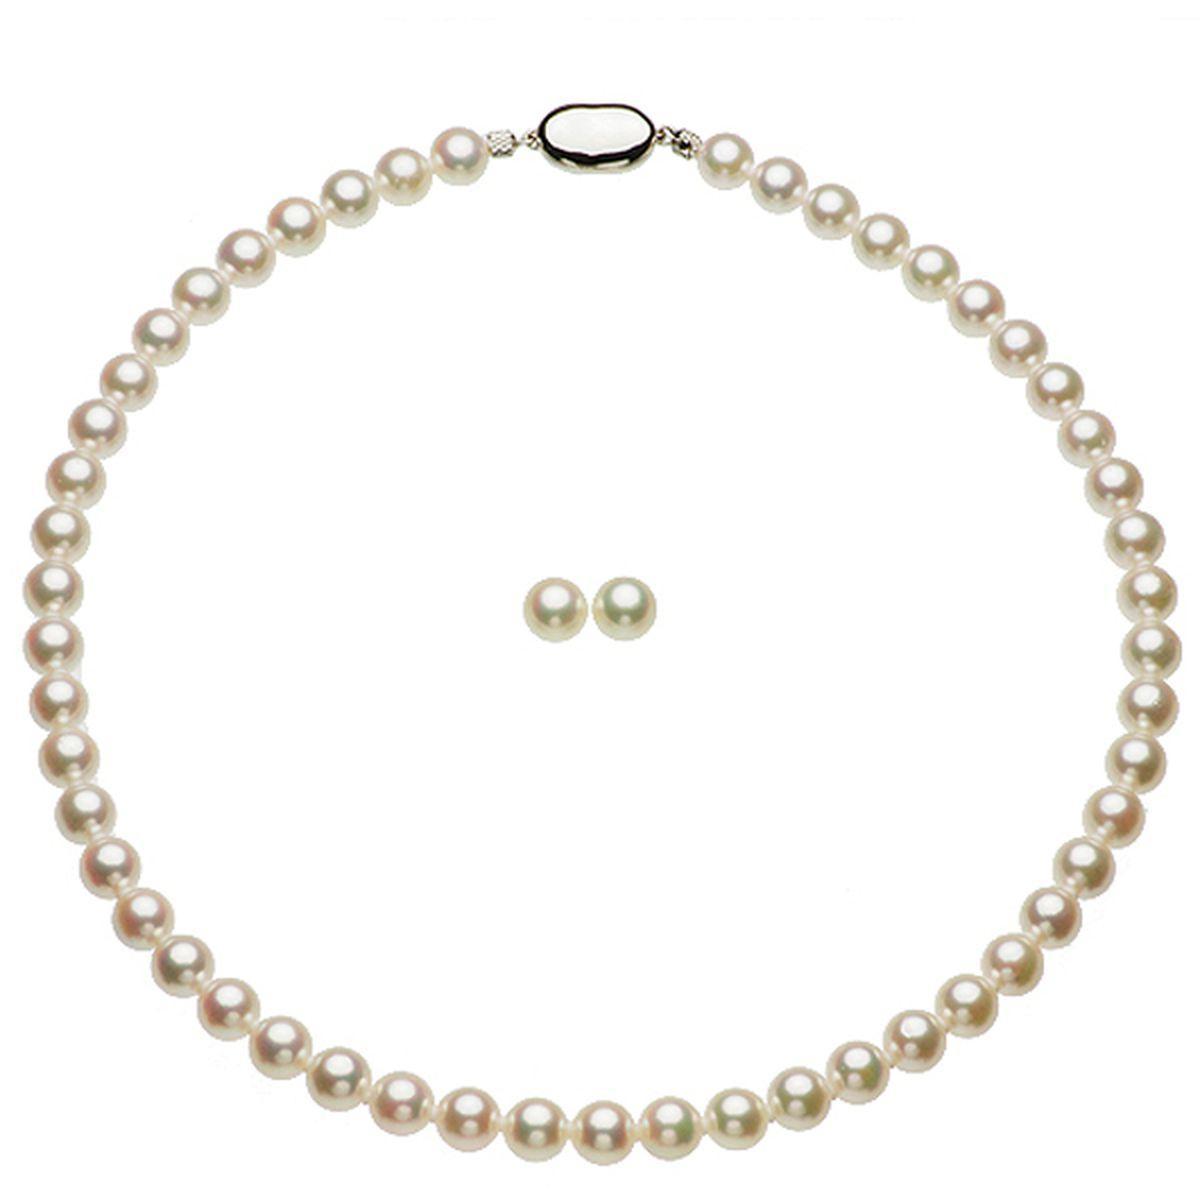 パール ネックレス 花珠アコヤ真珠 ネックレス2点セット 約7.5-8.0mmの写真